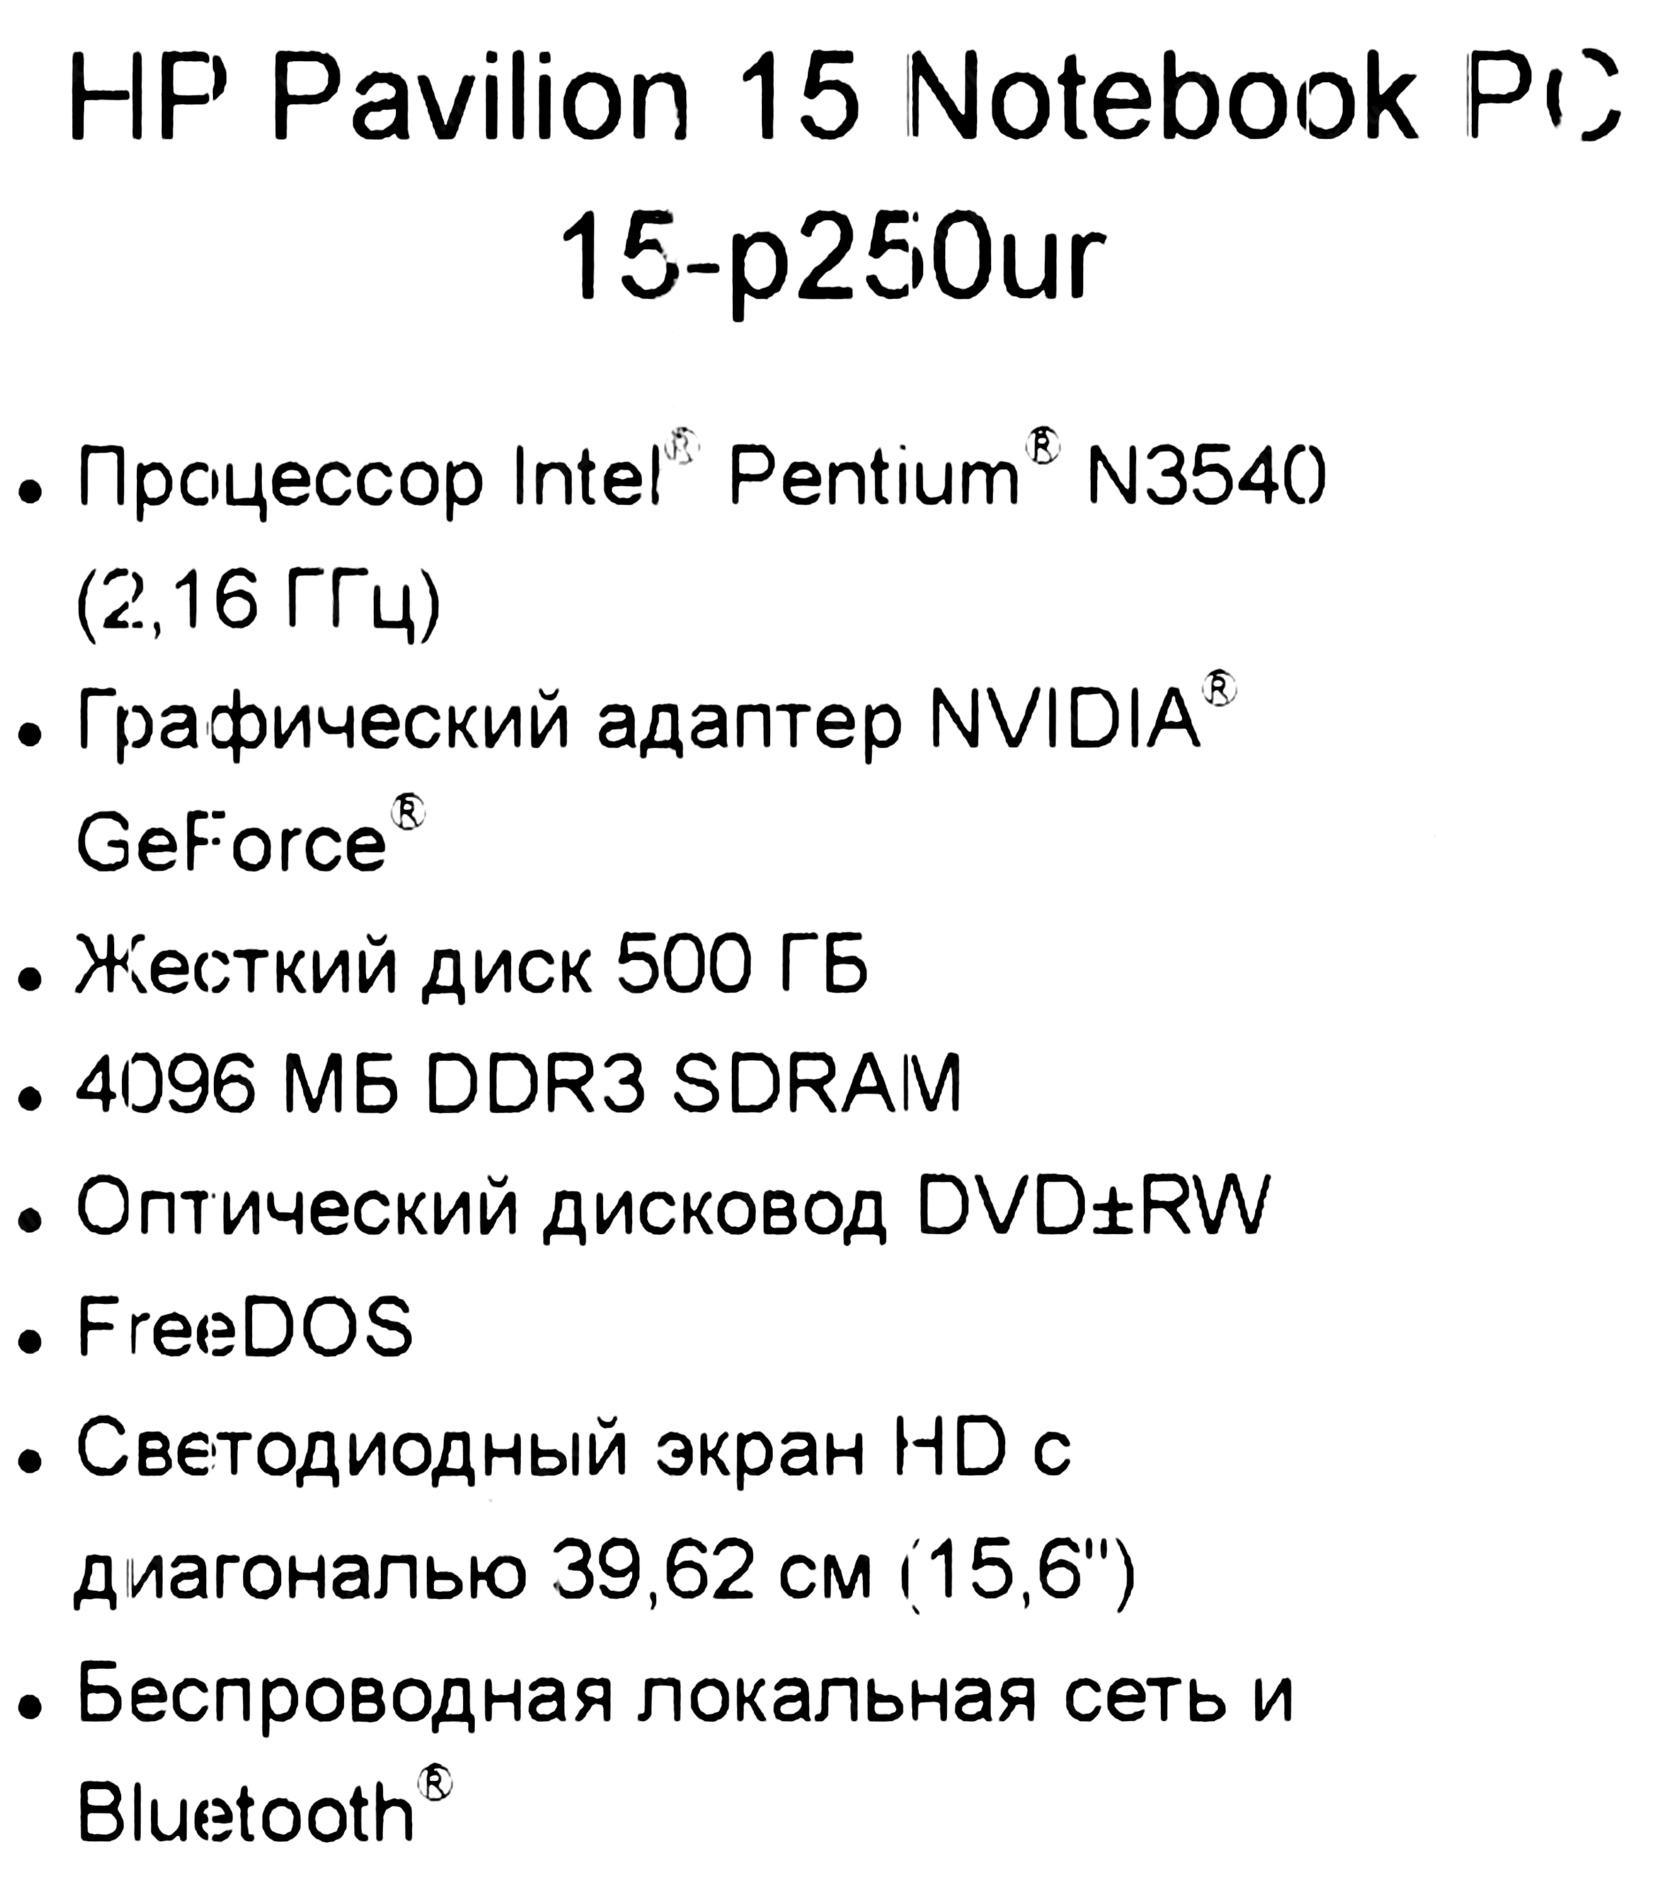 Ноутбук HP Pavilion 15-p250ur, 15.6